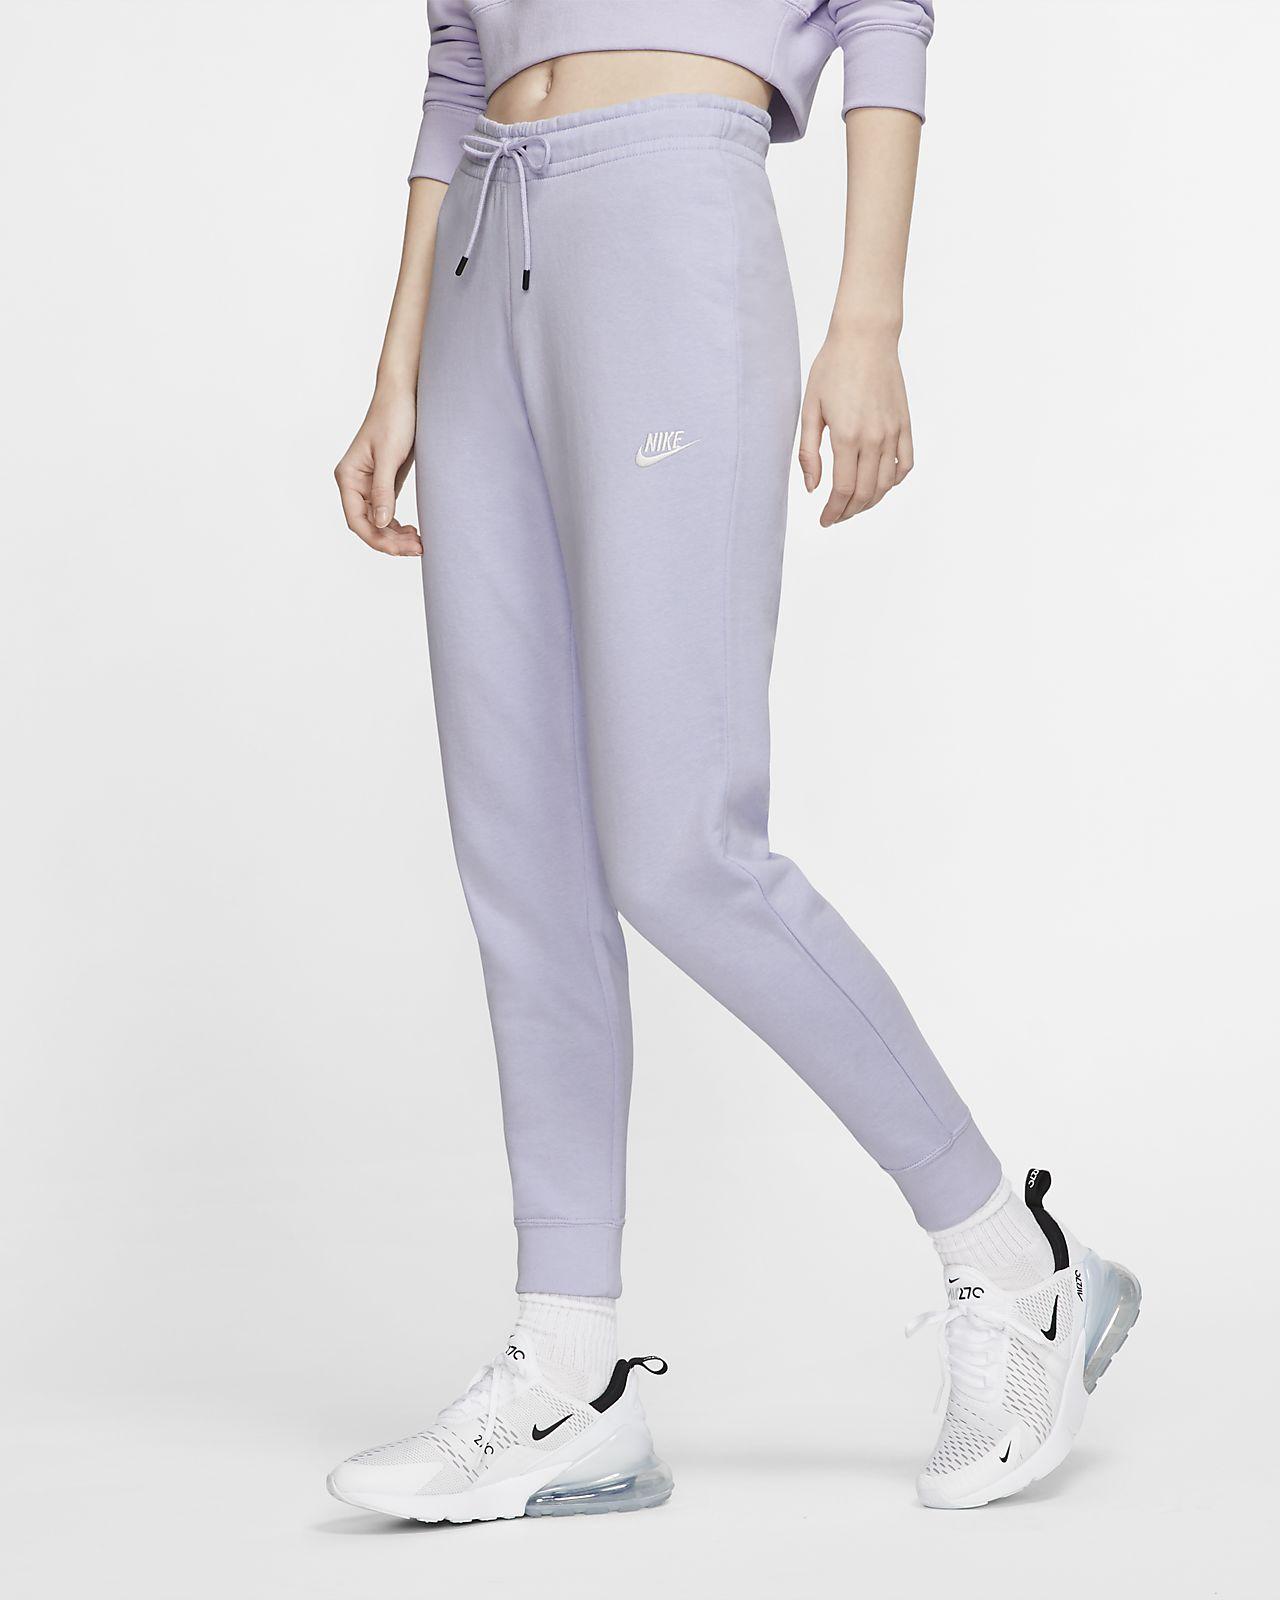 Pantaloni in fleece Nike Sportswear Essential Donna